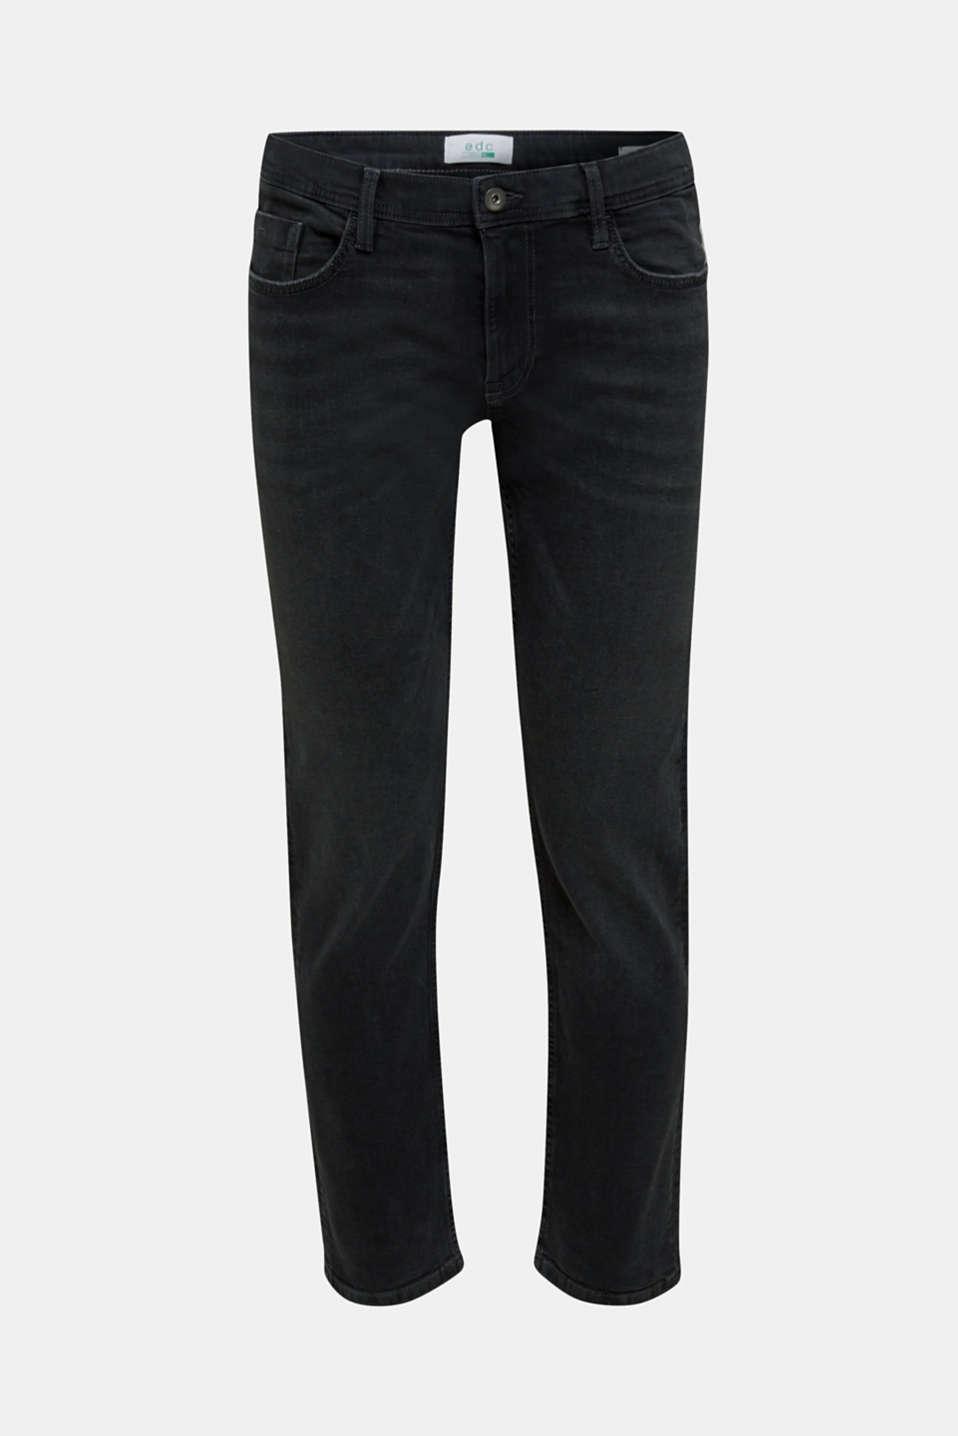 Stretch jeans in a basic design, BLACK DARK WASH, detail image number 6